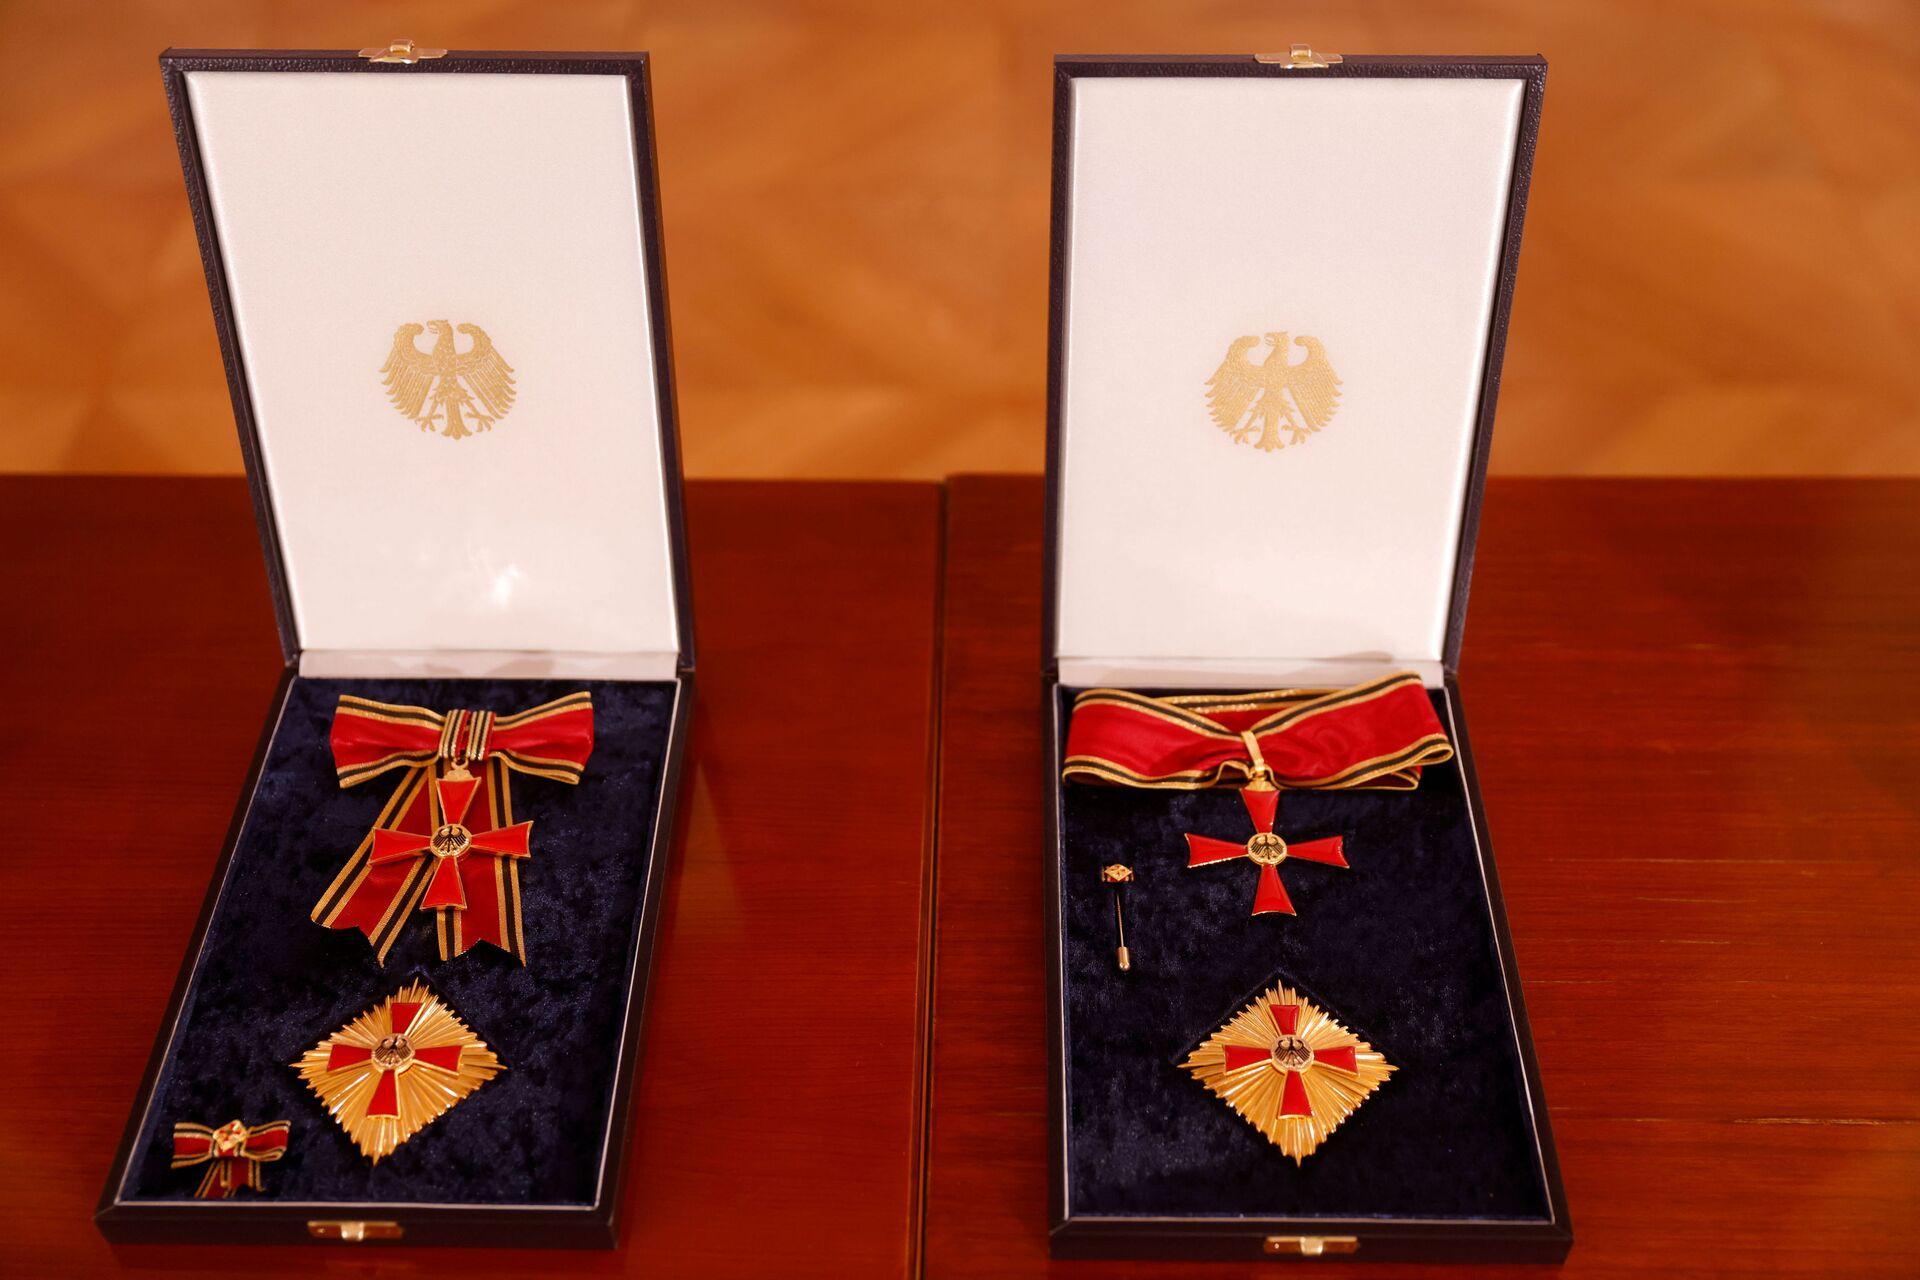 BioNTech aşısının gururunu yaşayan Almanya'dan Türeci ile Şahin'e en üst düzey devlet madalyası - Sputnik Türkiye, 1920, 19.03.2021